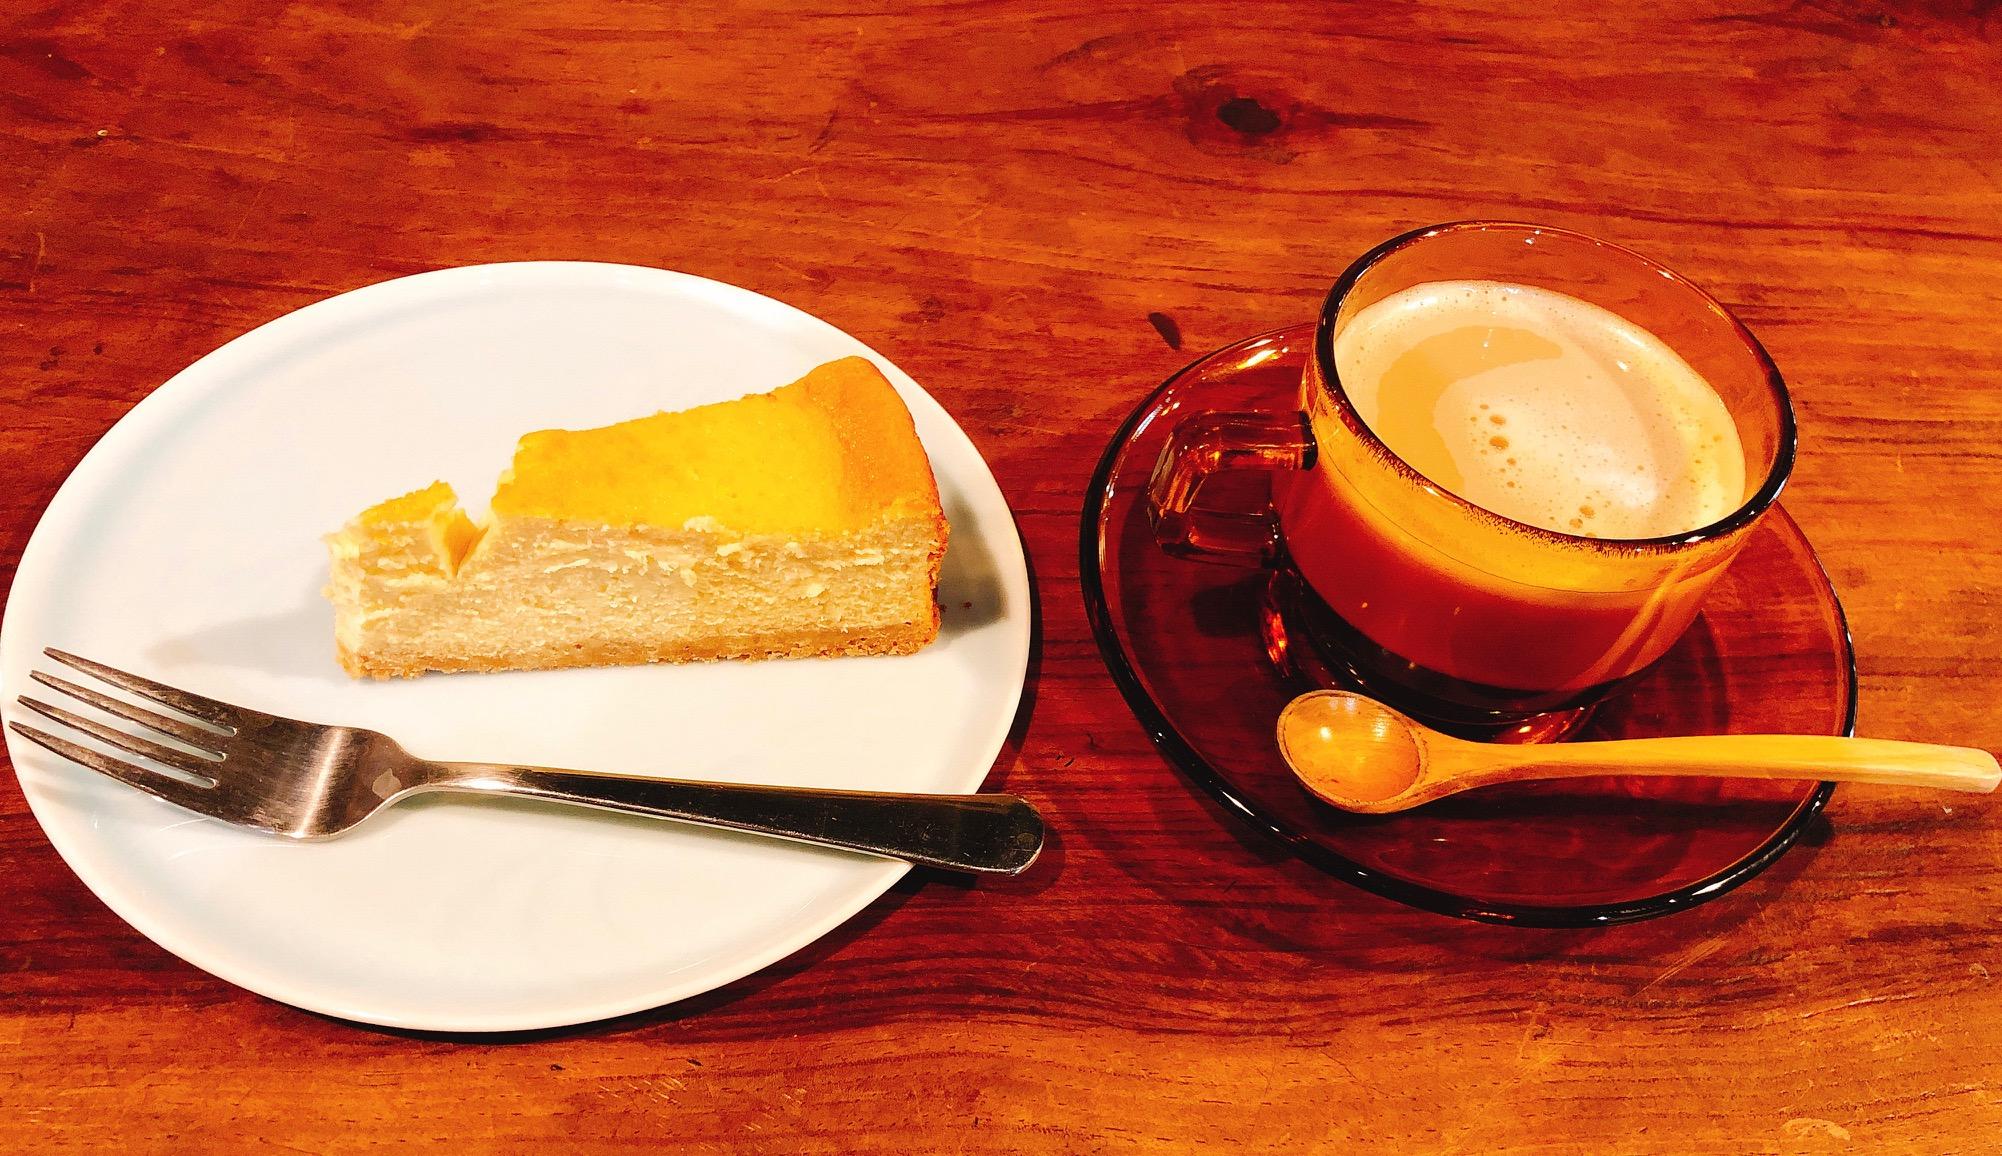 """西予・宇和で優雅なひと時を。卯之町にある古民家カフェ「池田屋」で日替わりの""""精進料理""""を食べてきました!"""